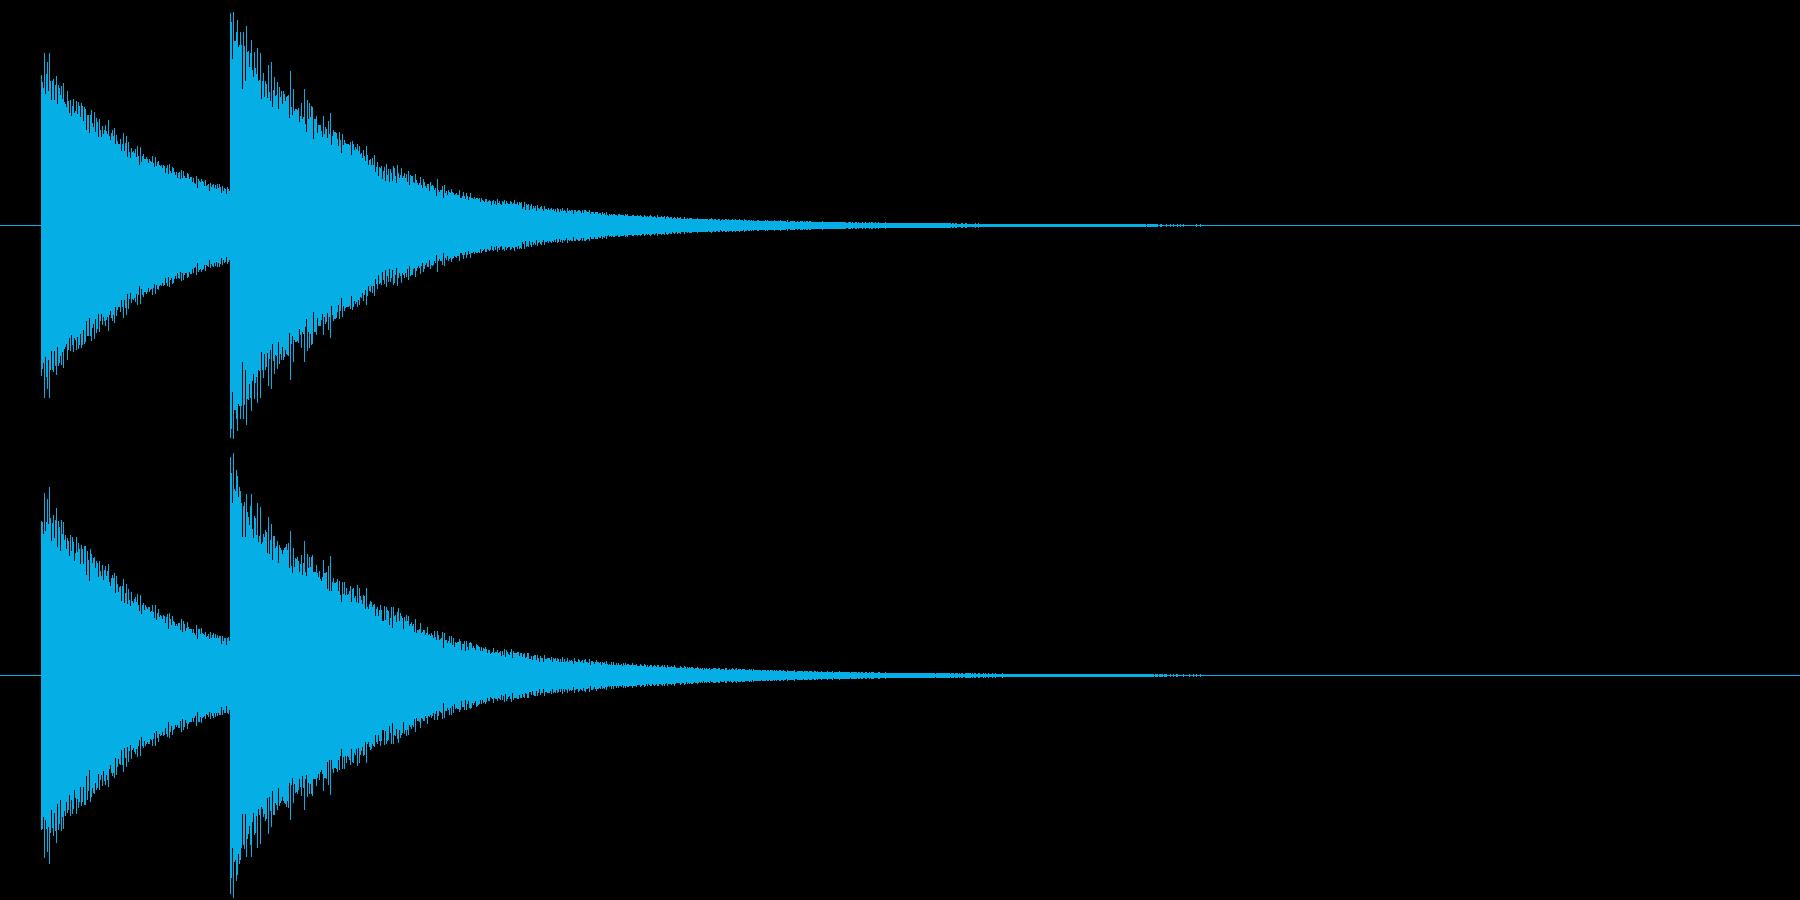 鐘(失格、あと一息のチャイム、ドレ)の再生済みの波形